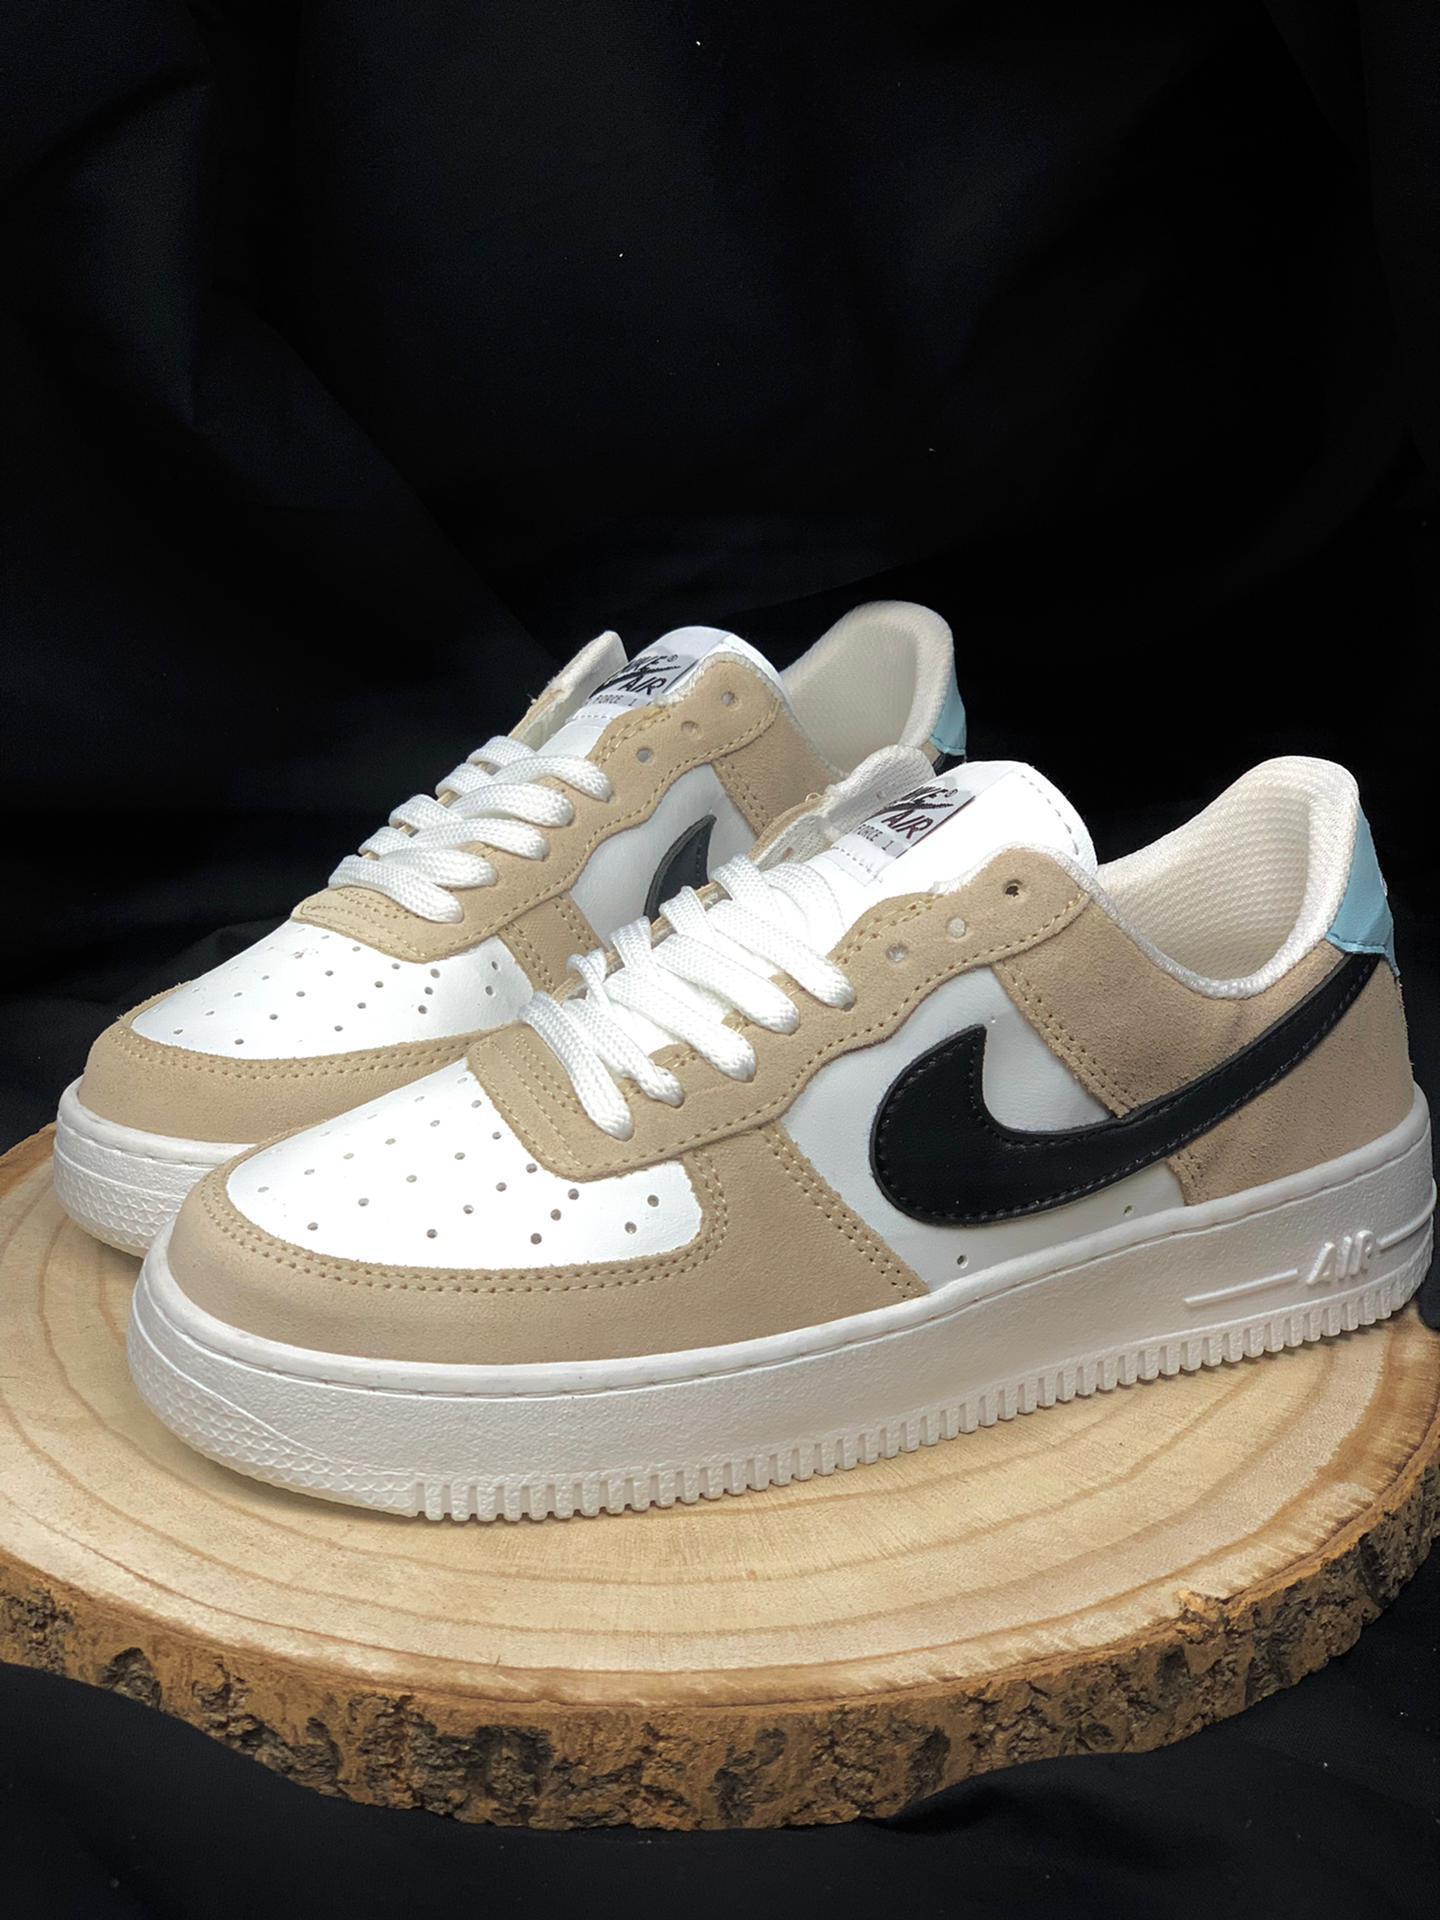 Nike air force marrones